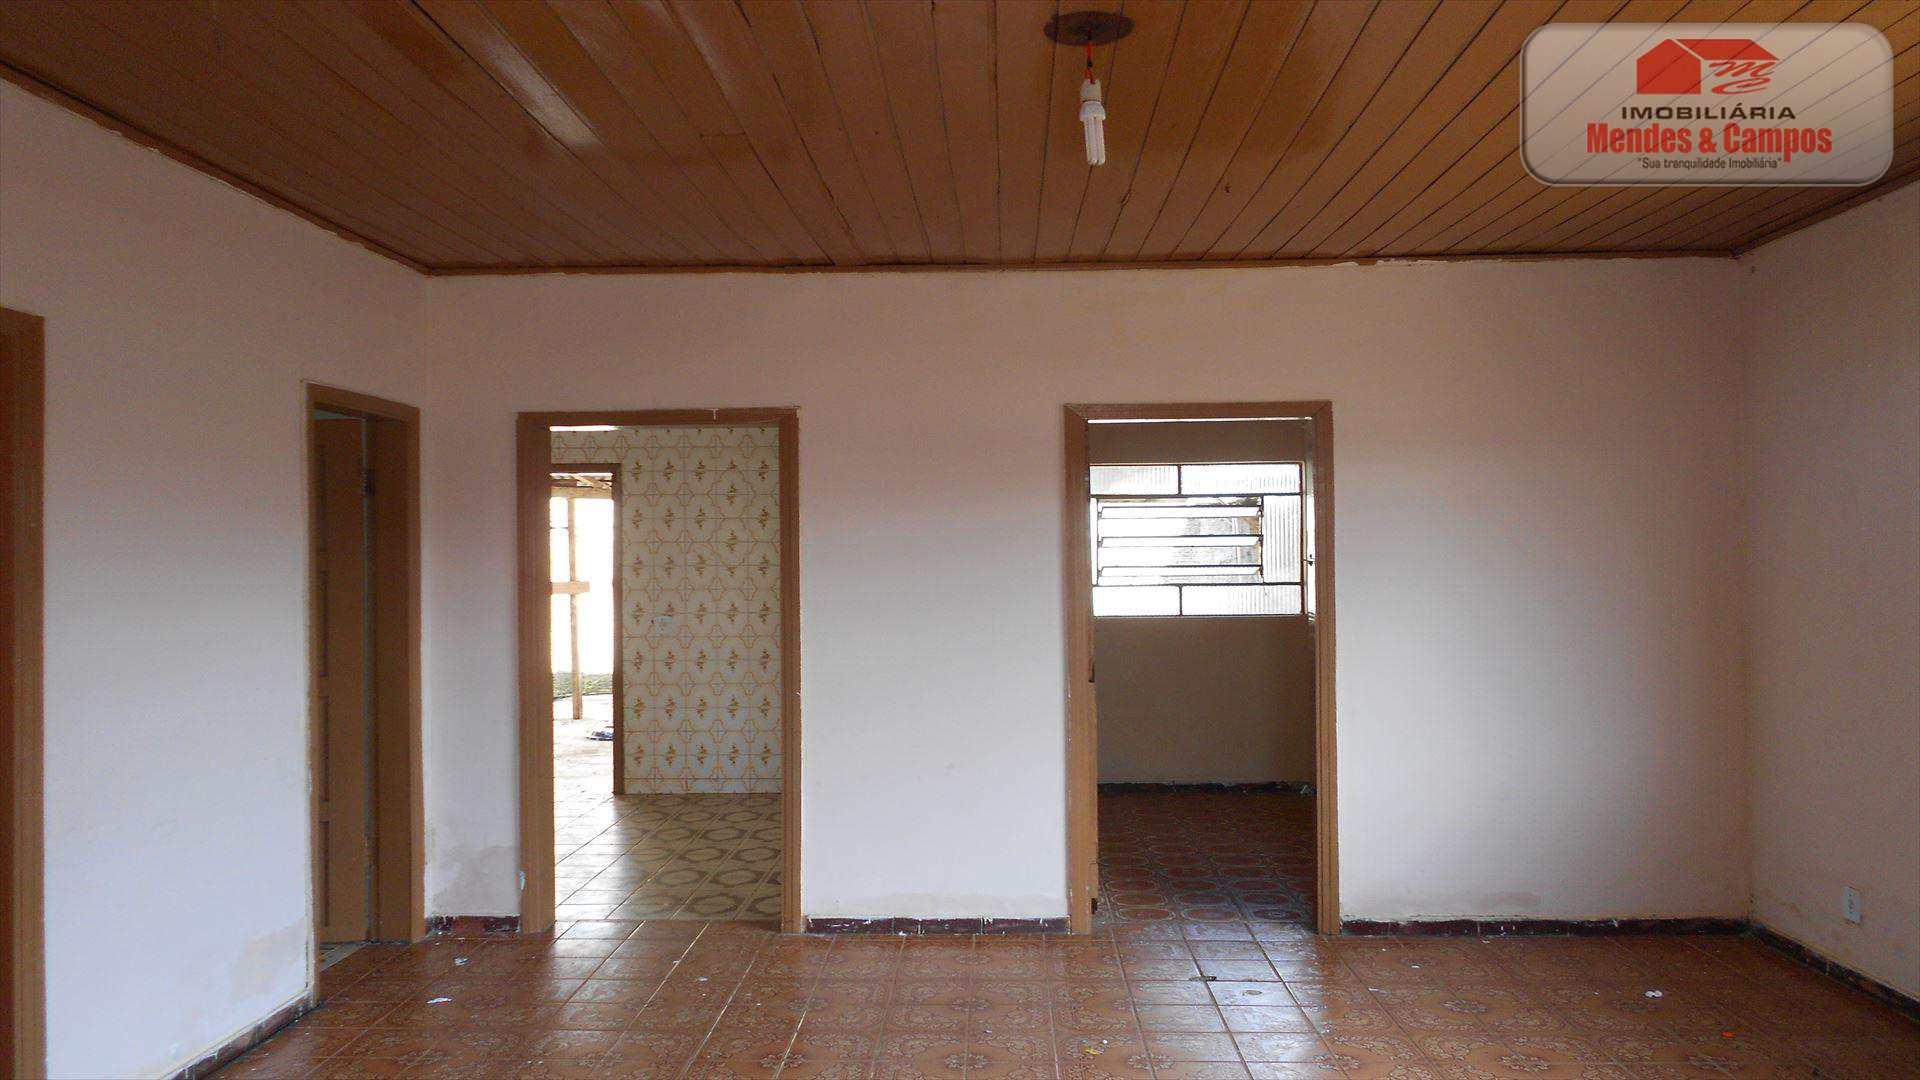 Rua Cerejeira nº 1634 Frente Setor 01, Cod: 786